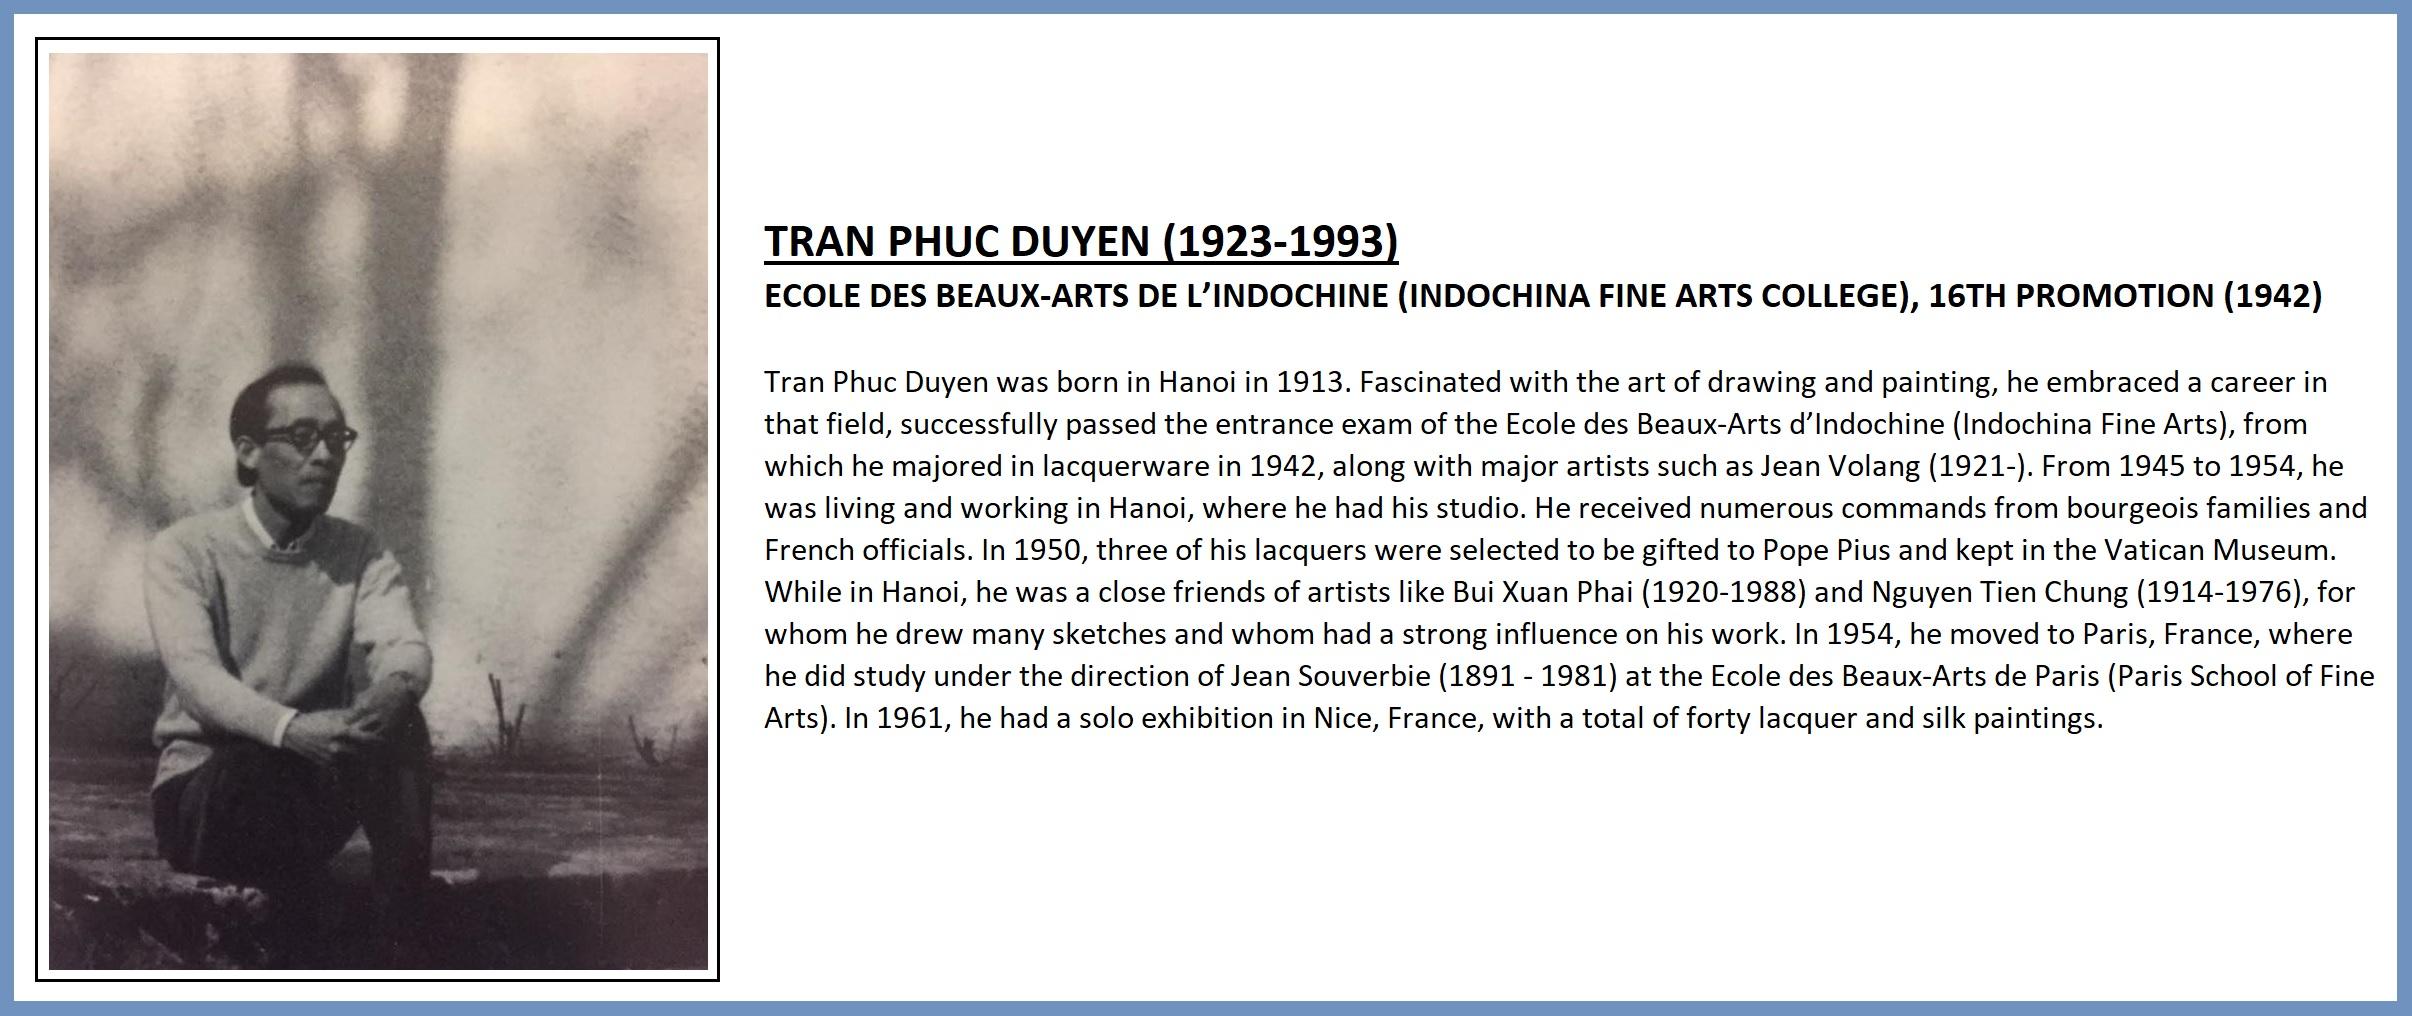 TRAN PHUC DUYEN (1923-1993) ECOLE DES BEAUX-ARTS DE L'INDOCHINE (INDOCHINA FINE ARTS COLLEGE), - Image 2 of 12